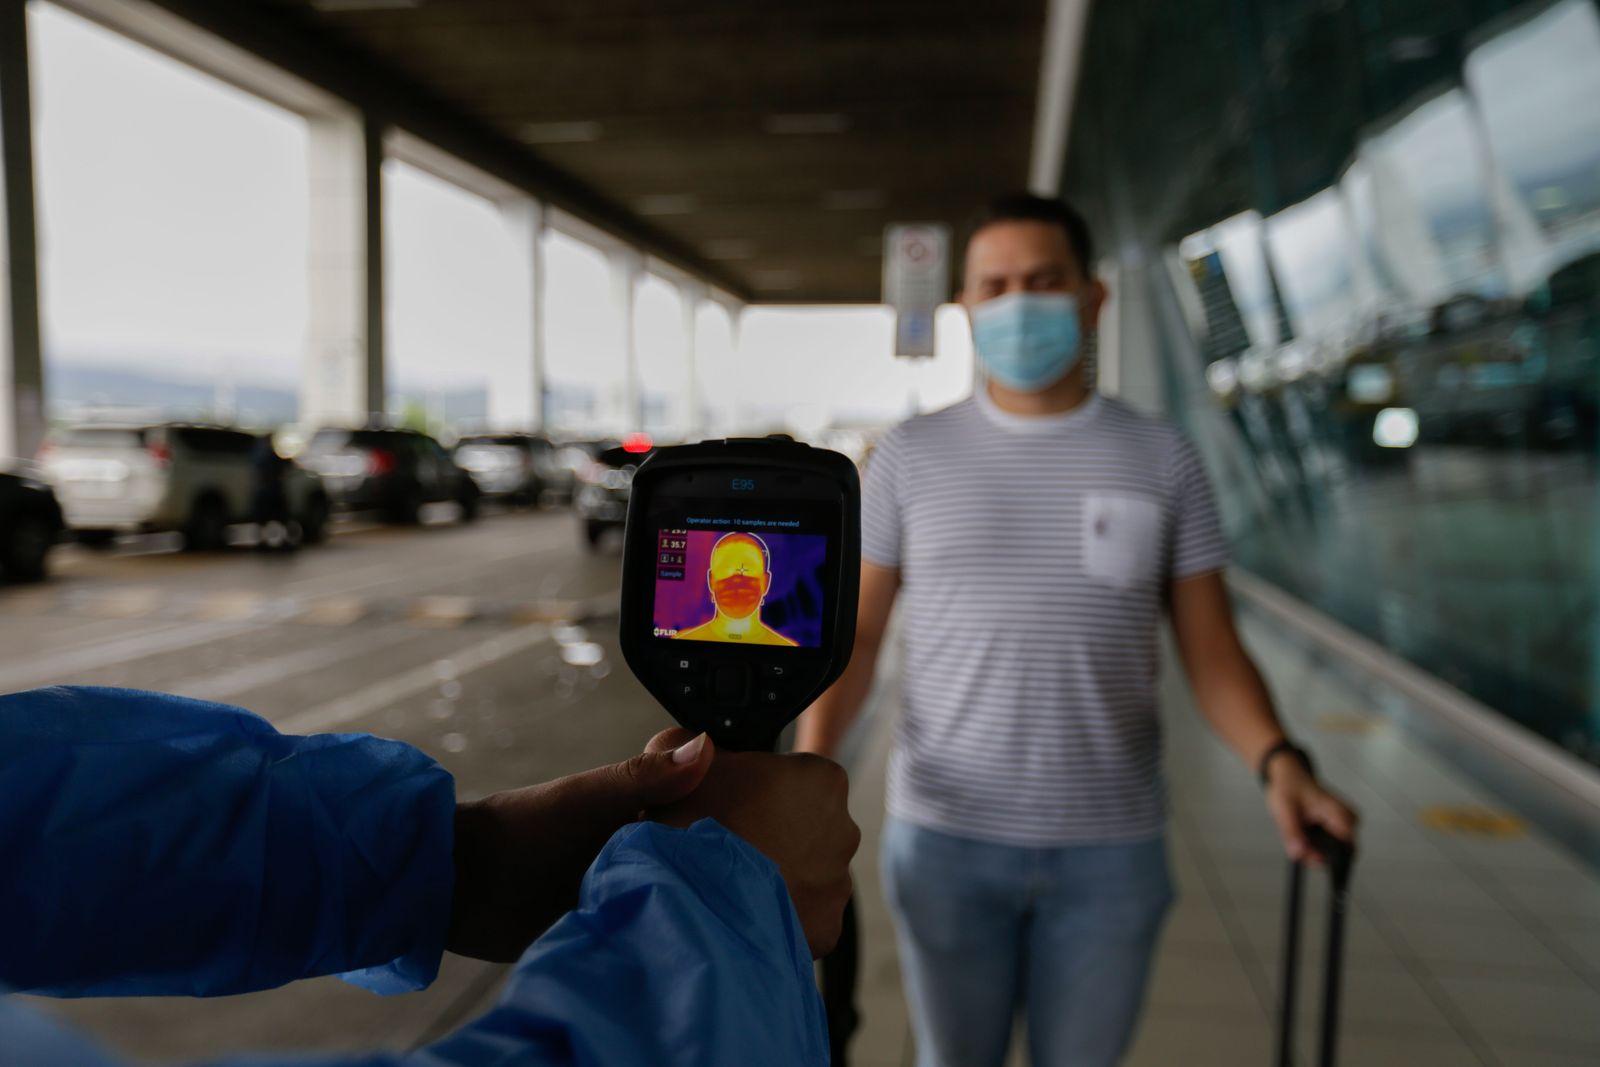 PAMANA-HEALTH-VIRUS-AIRPORT-FLIGHTS